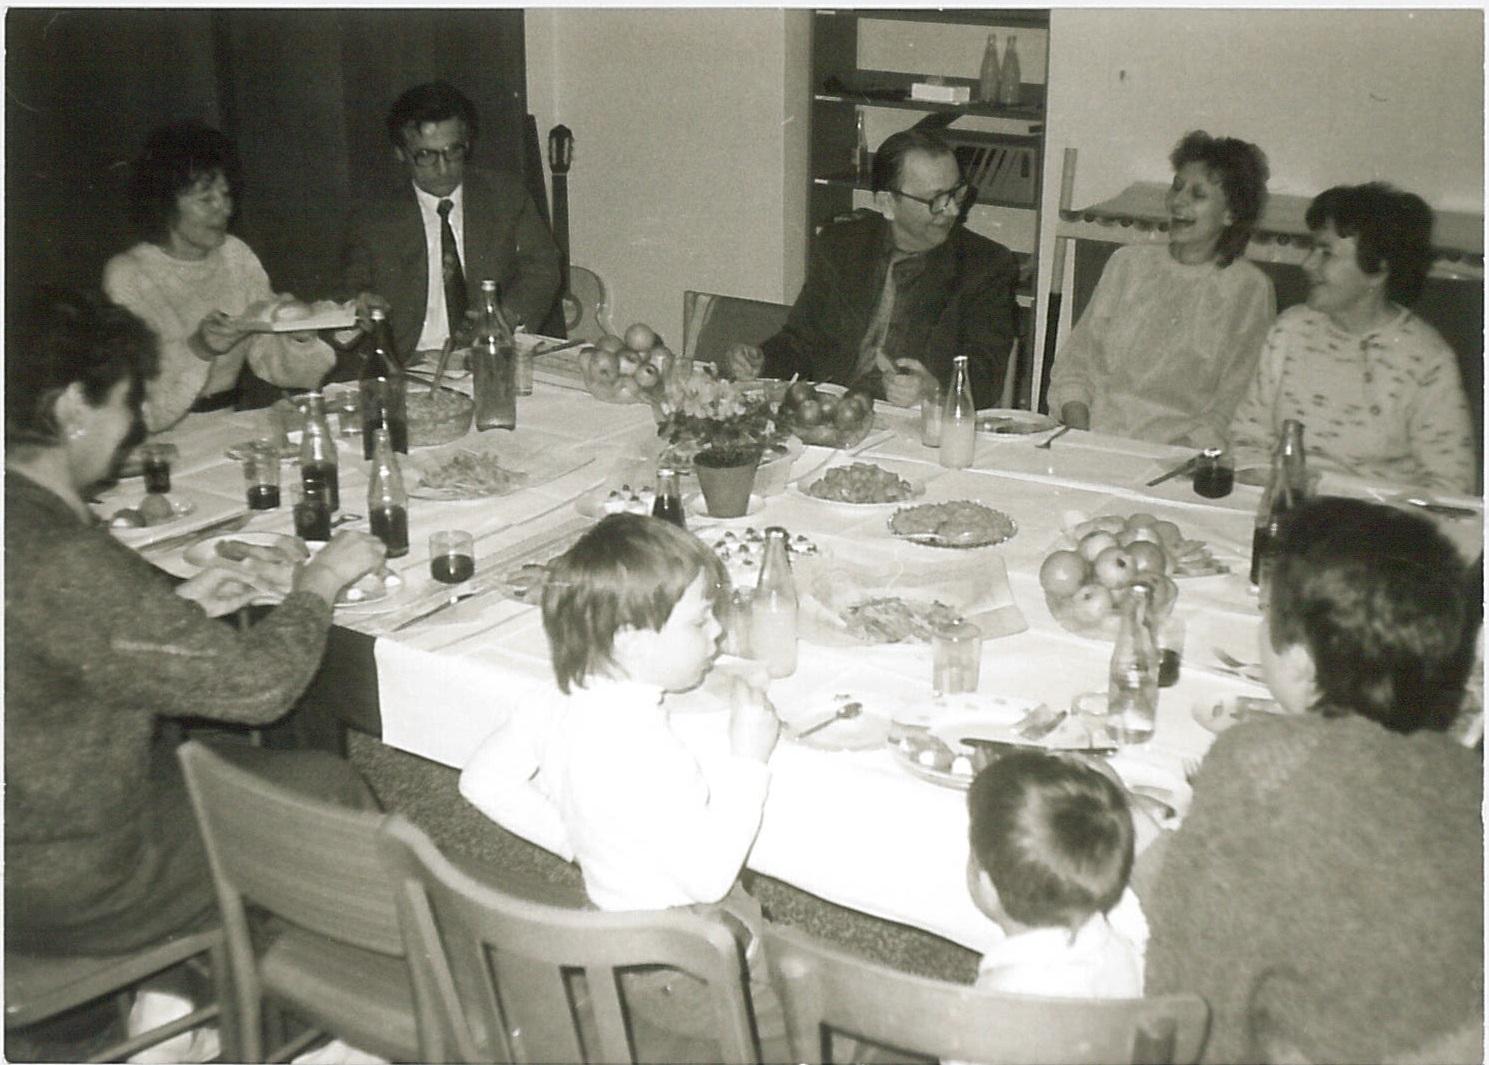 1991 zleva okolo (asi) Blažena Tykvová, Franková, Ota Kříž (Head), Hladký, Debora Zemenová, dr. Golková, asi Chamo